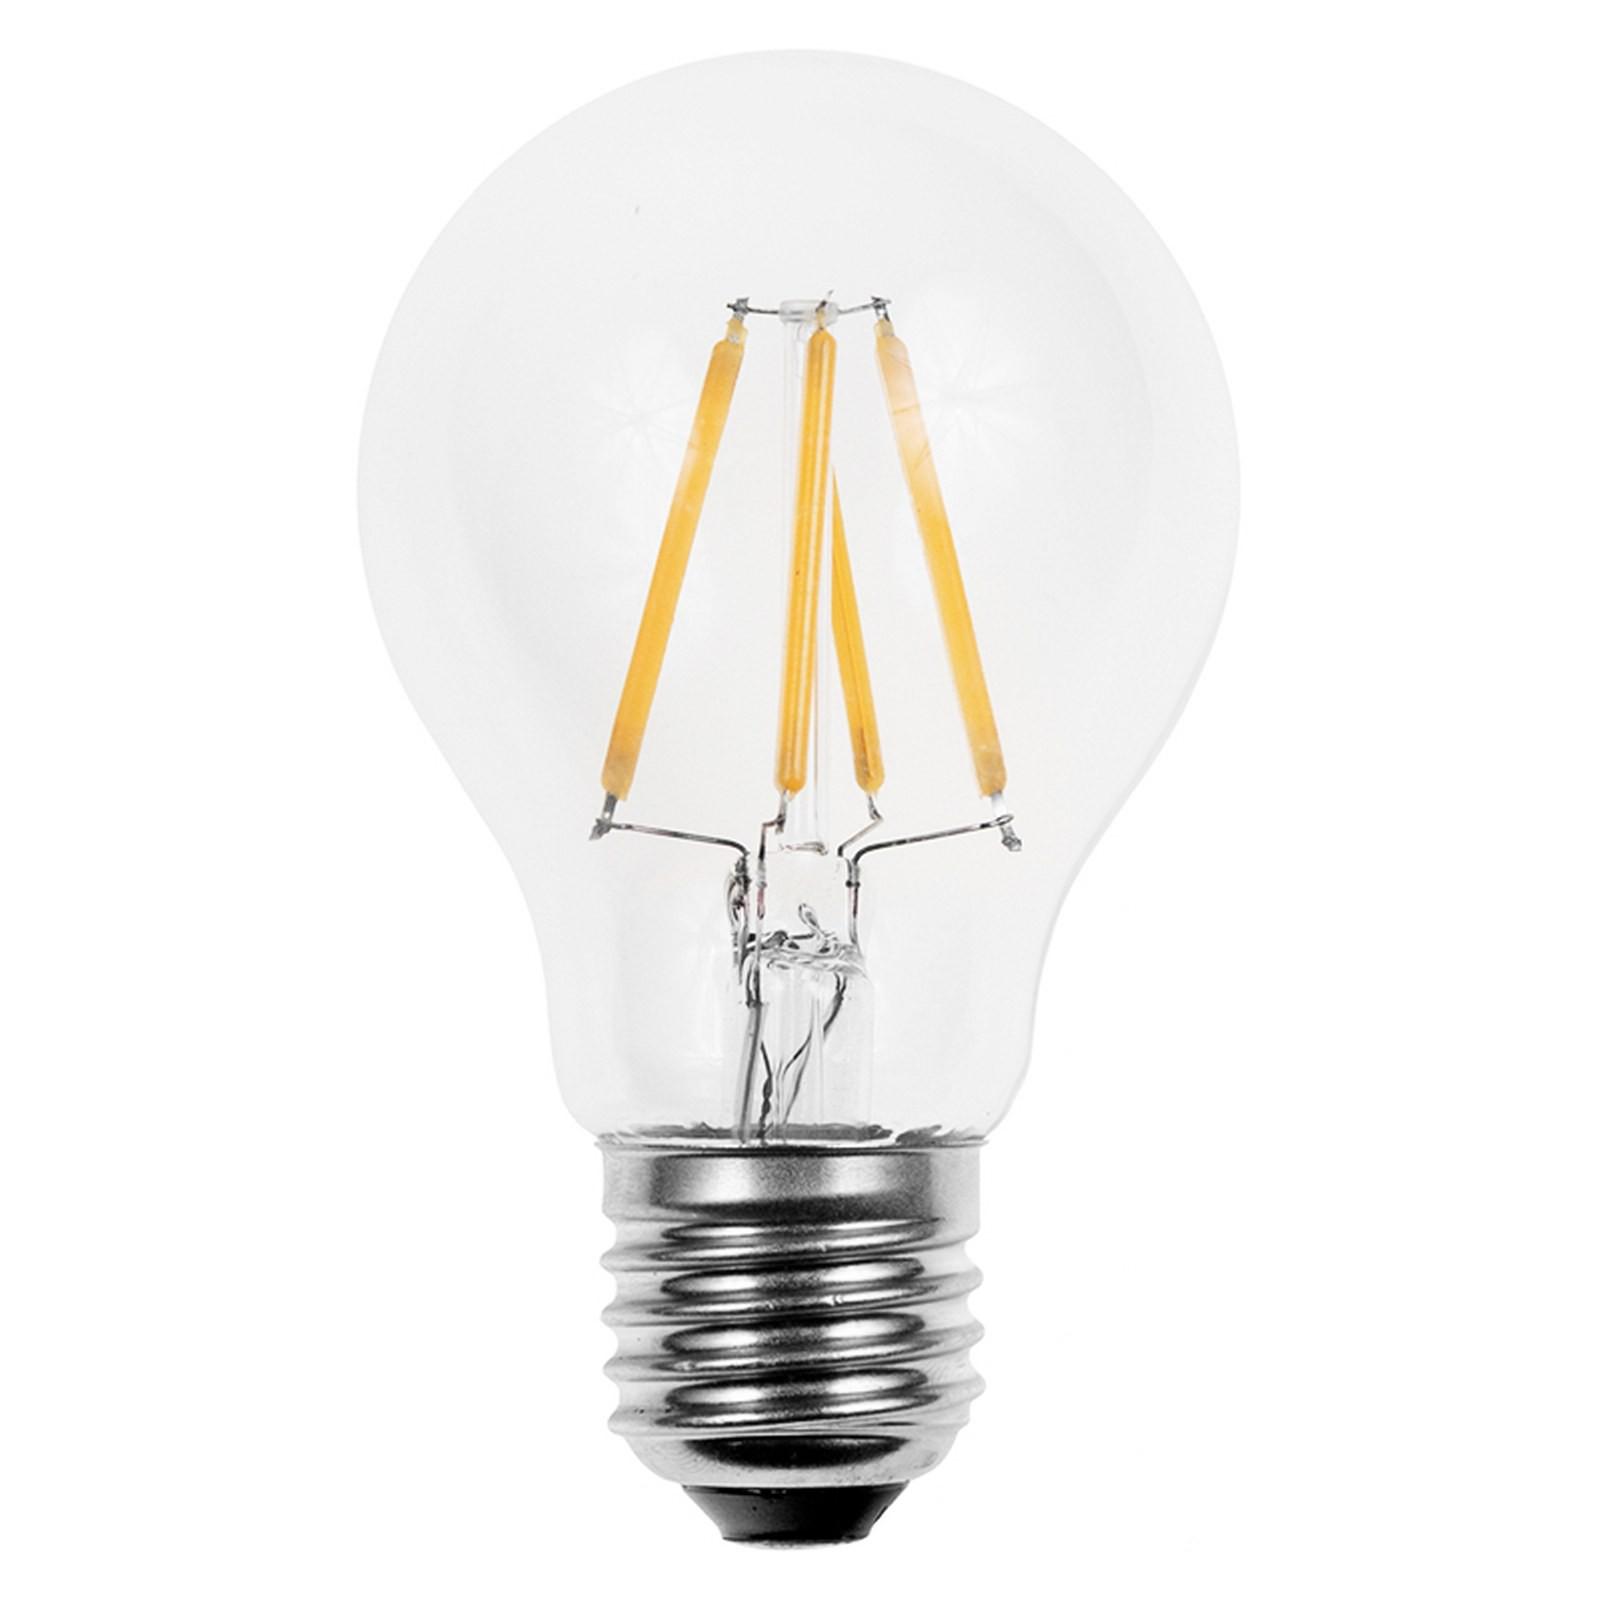 Lampada led lampadina filamento attacco e27 light a globo for Lampada led lunga